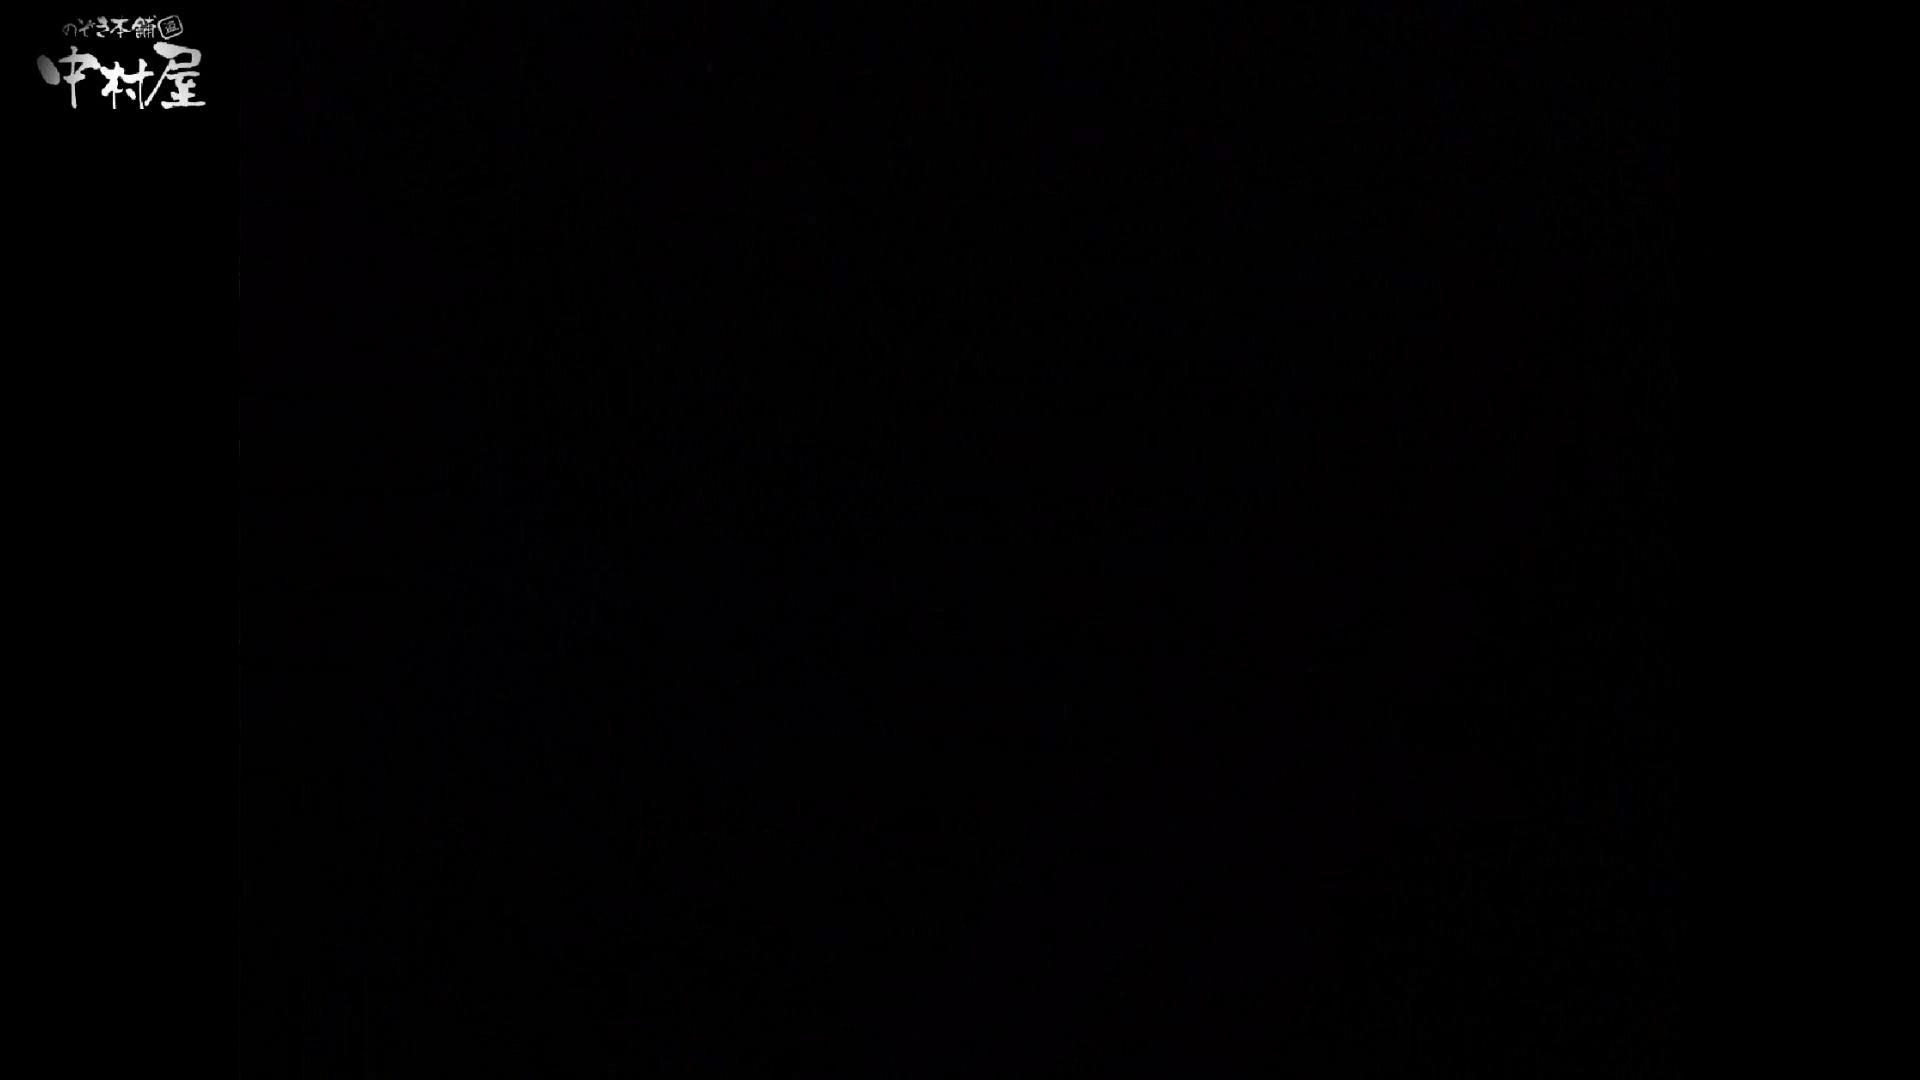 民家風呂専門盗撮師の超危険映像 vol.018 盗撮  89連発 88